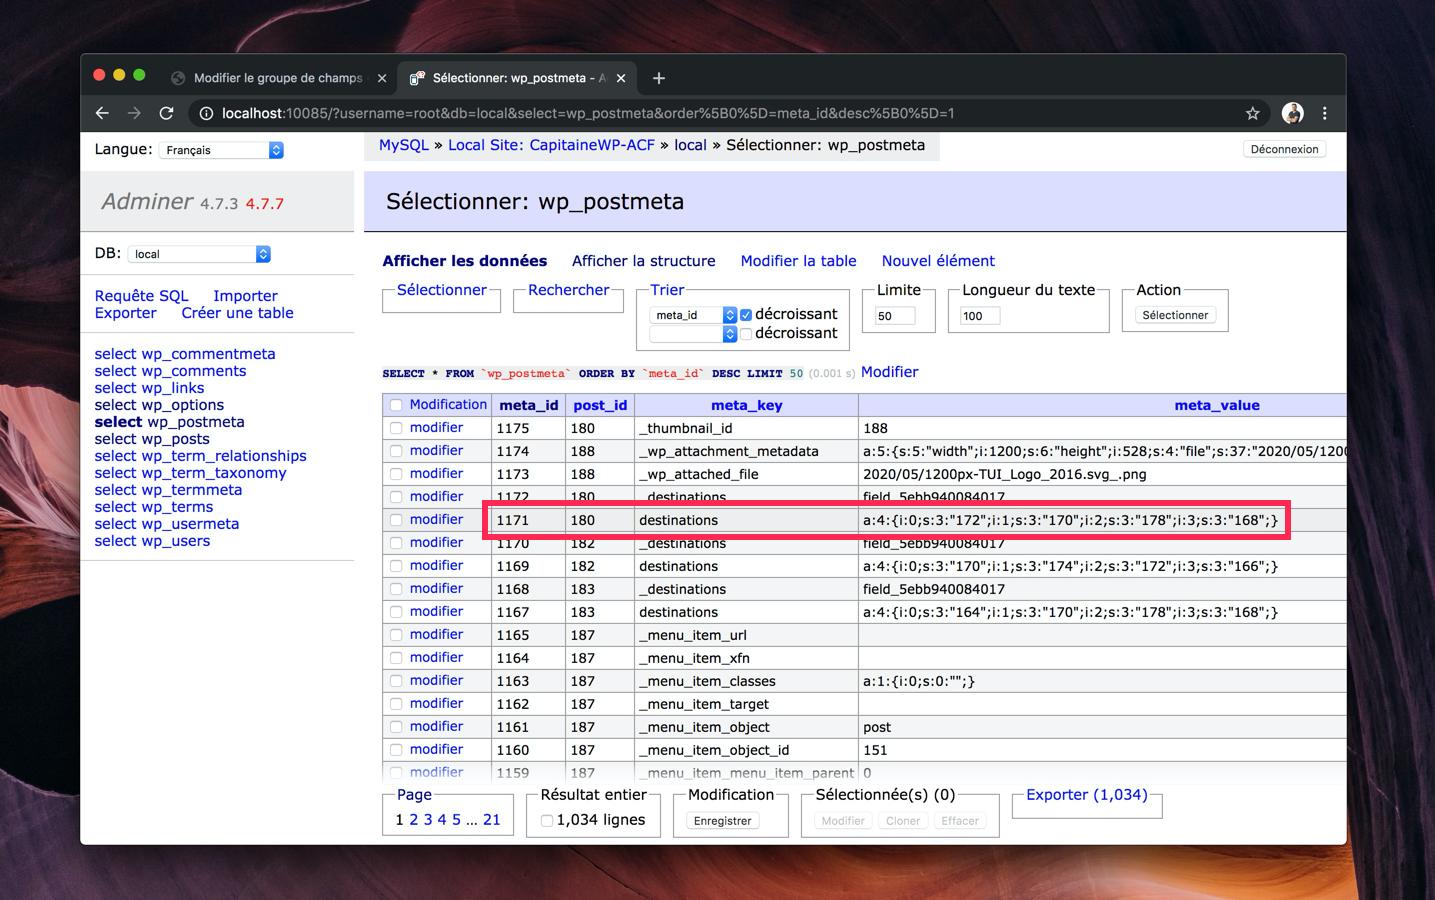 Capture d'écran de la base de données de notre site